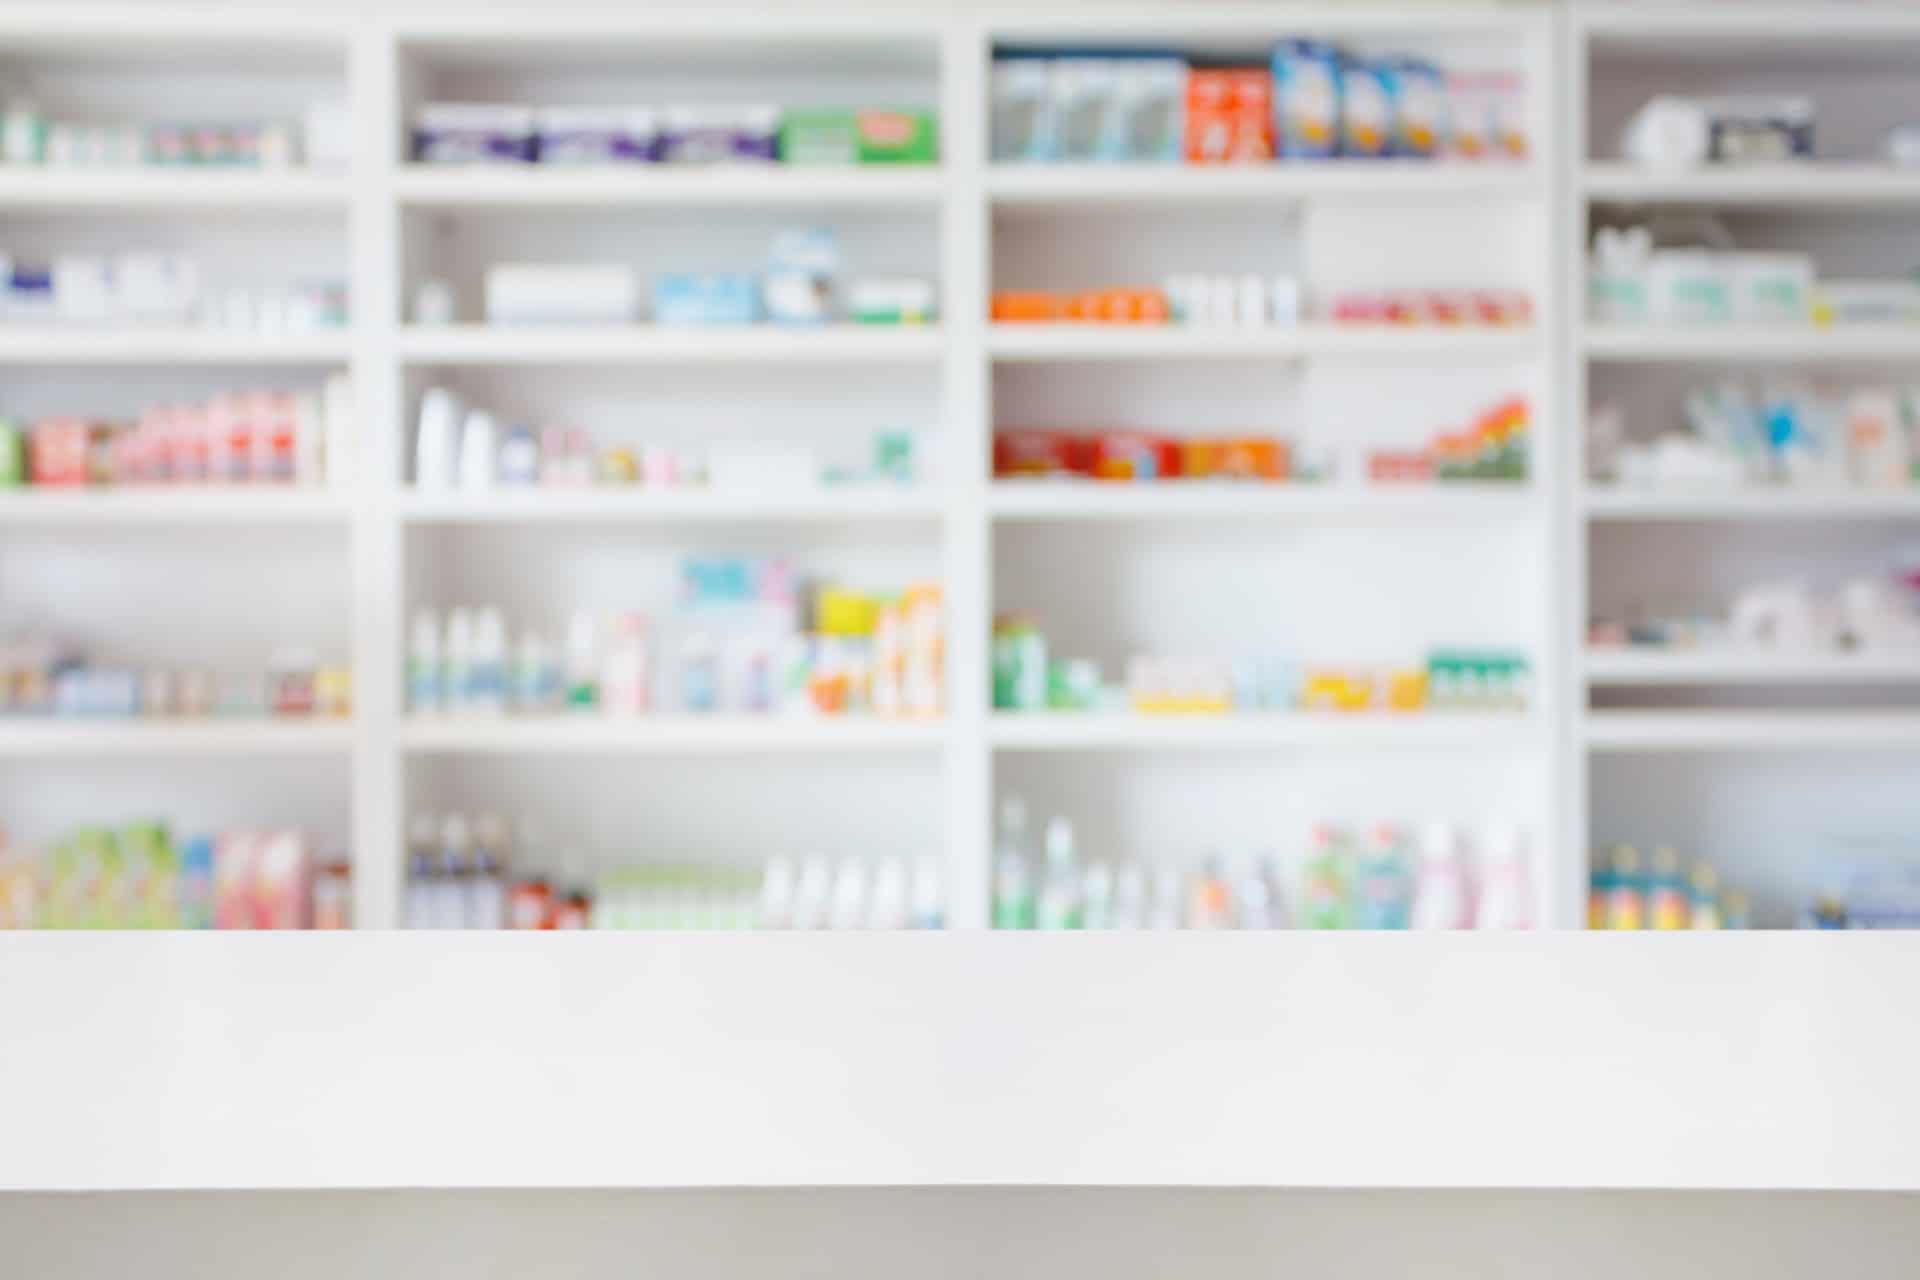 תרופות לקרוהן וקוליטיס